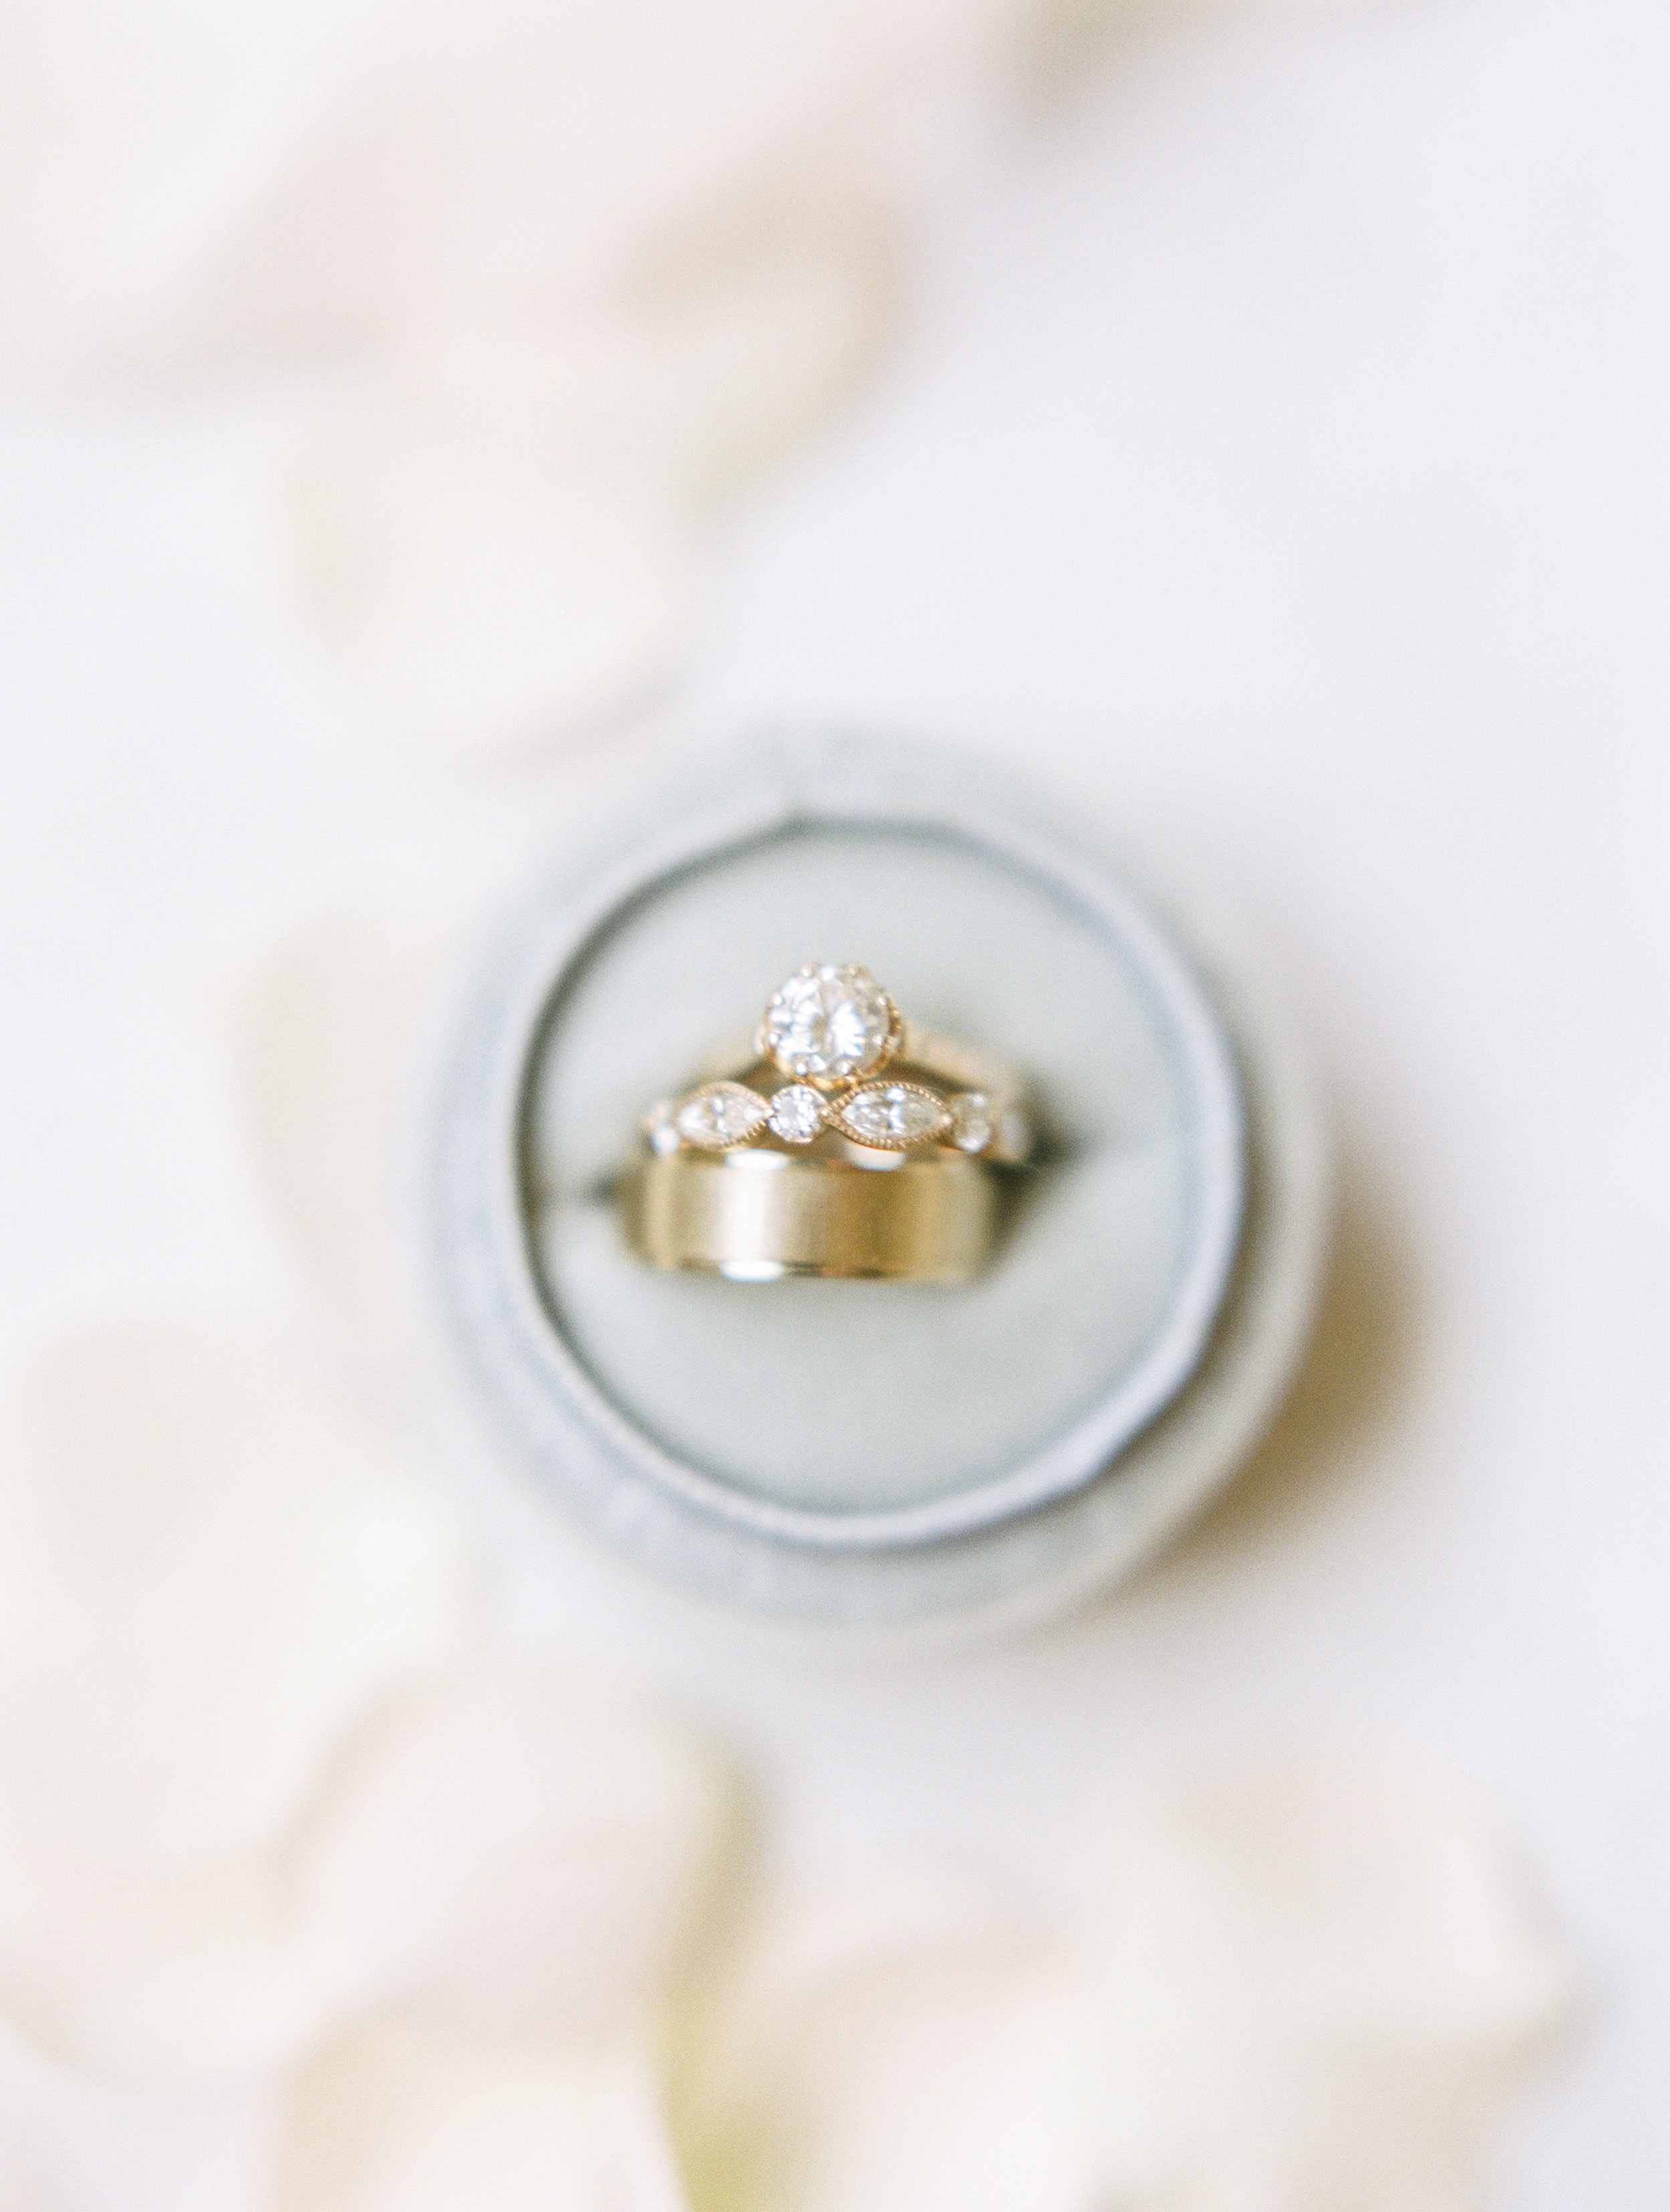 Steiner+Wedding+Details-54.jpg